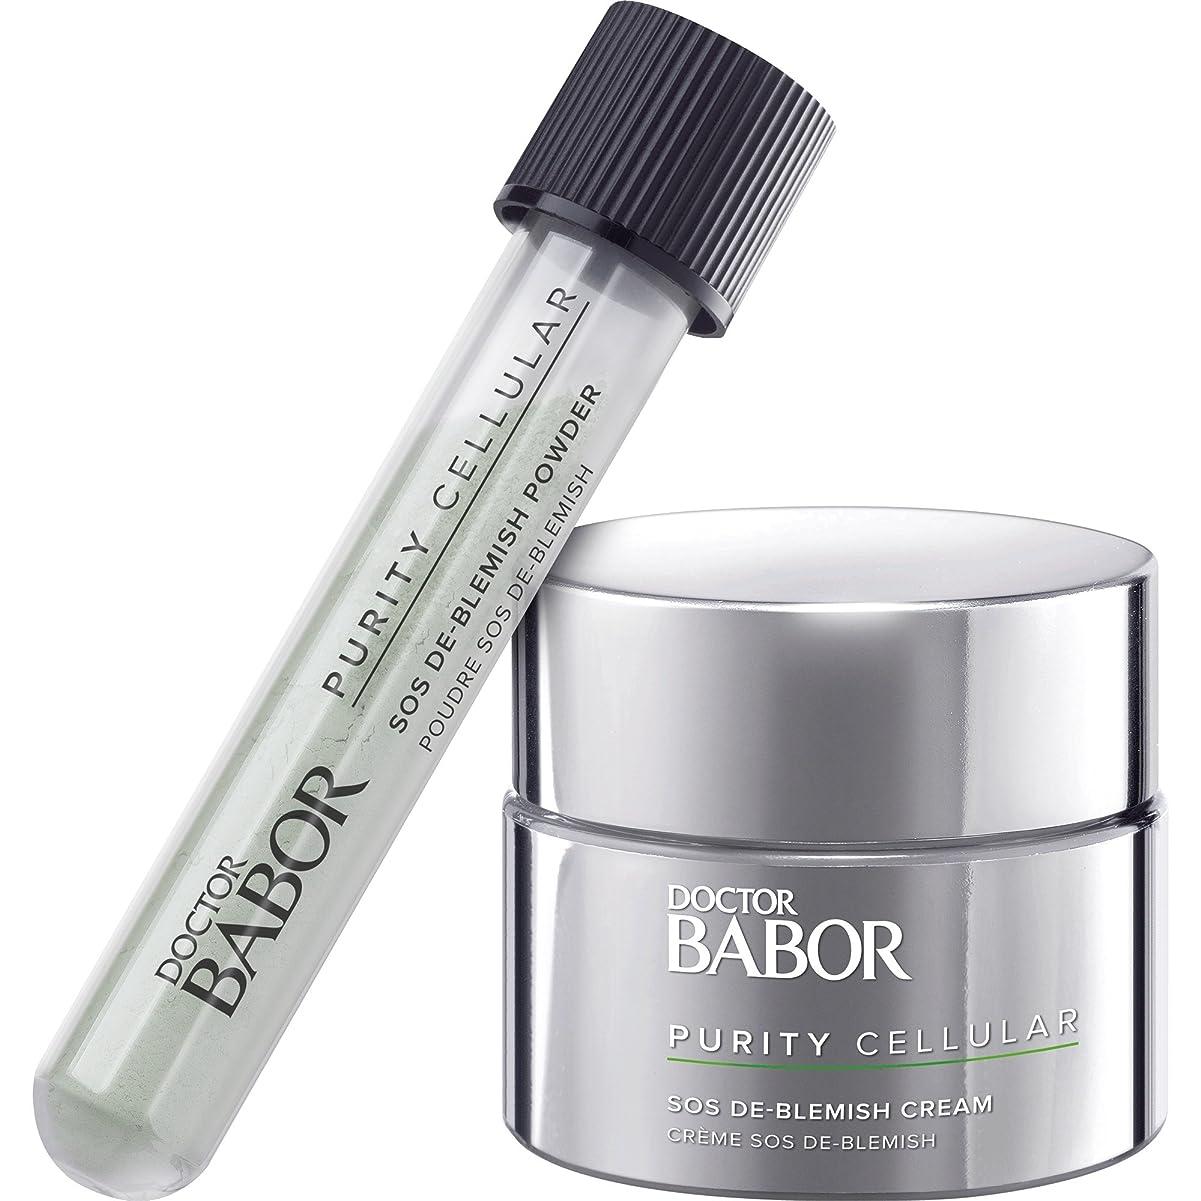 キッチン悲しいことにボイラーバボール Doctor Babor Purity Cellular SOS De-Blemish Kit: De-Blemish Cream 50ml/1.7oz + De-Blemish Powder 5g/0.16oz 2pcs並行輸入品